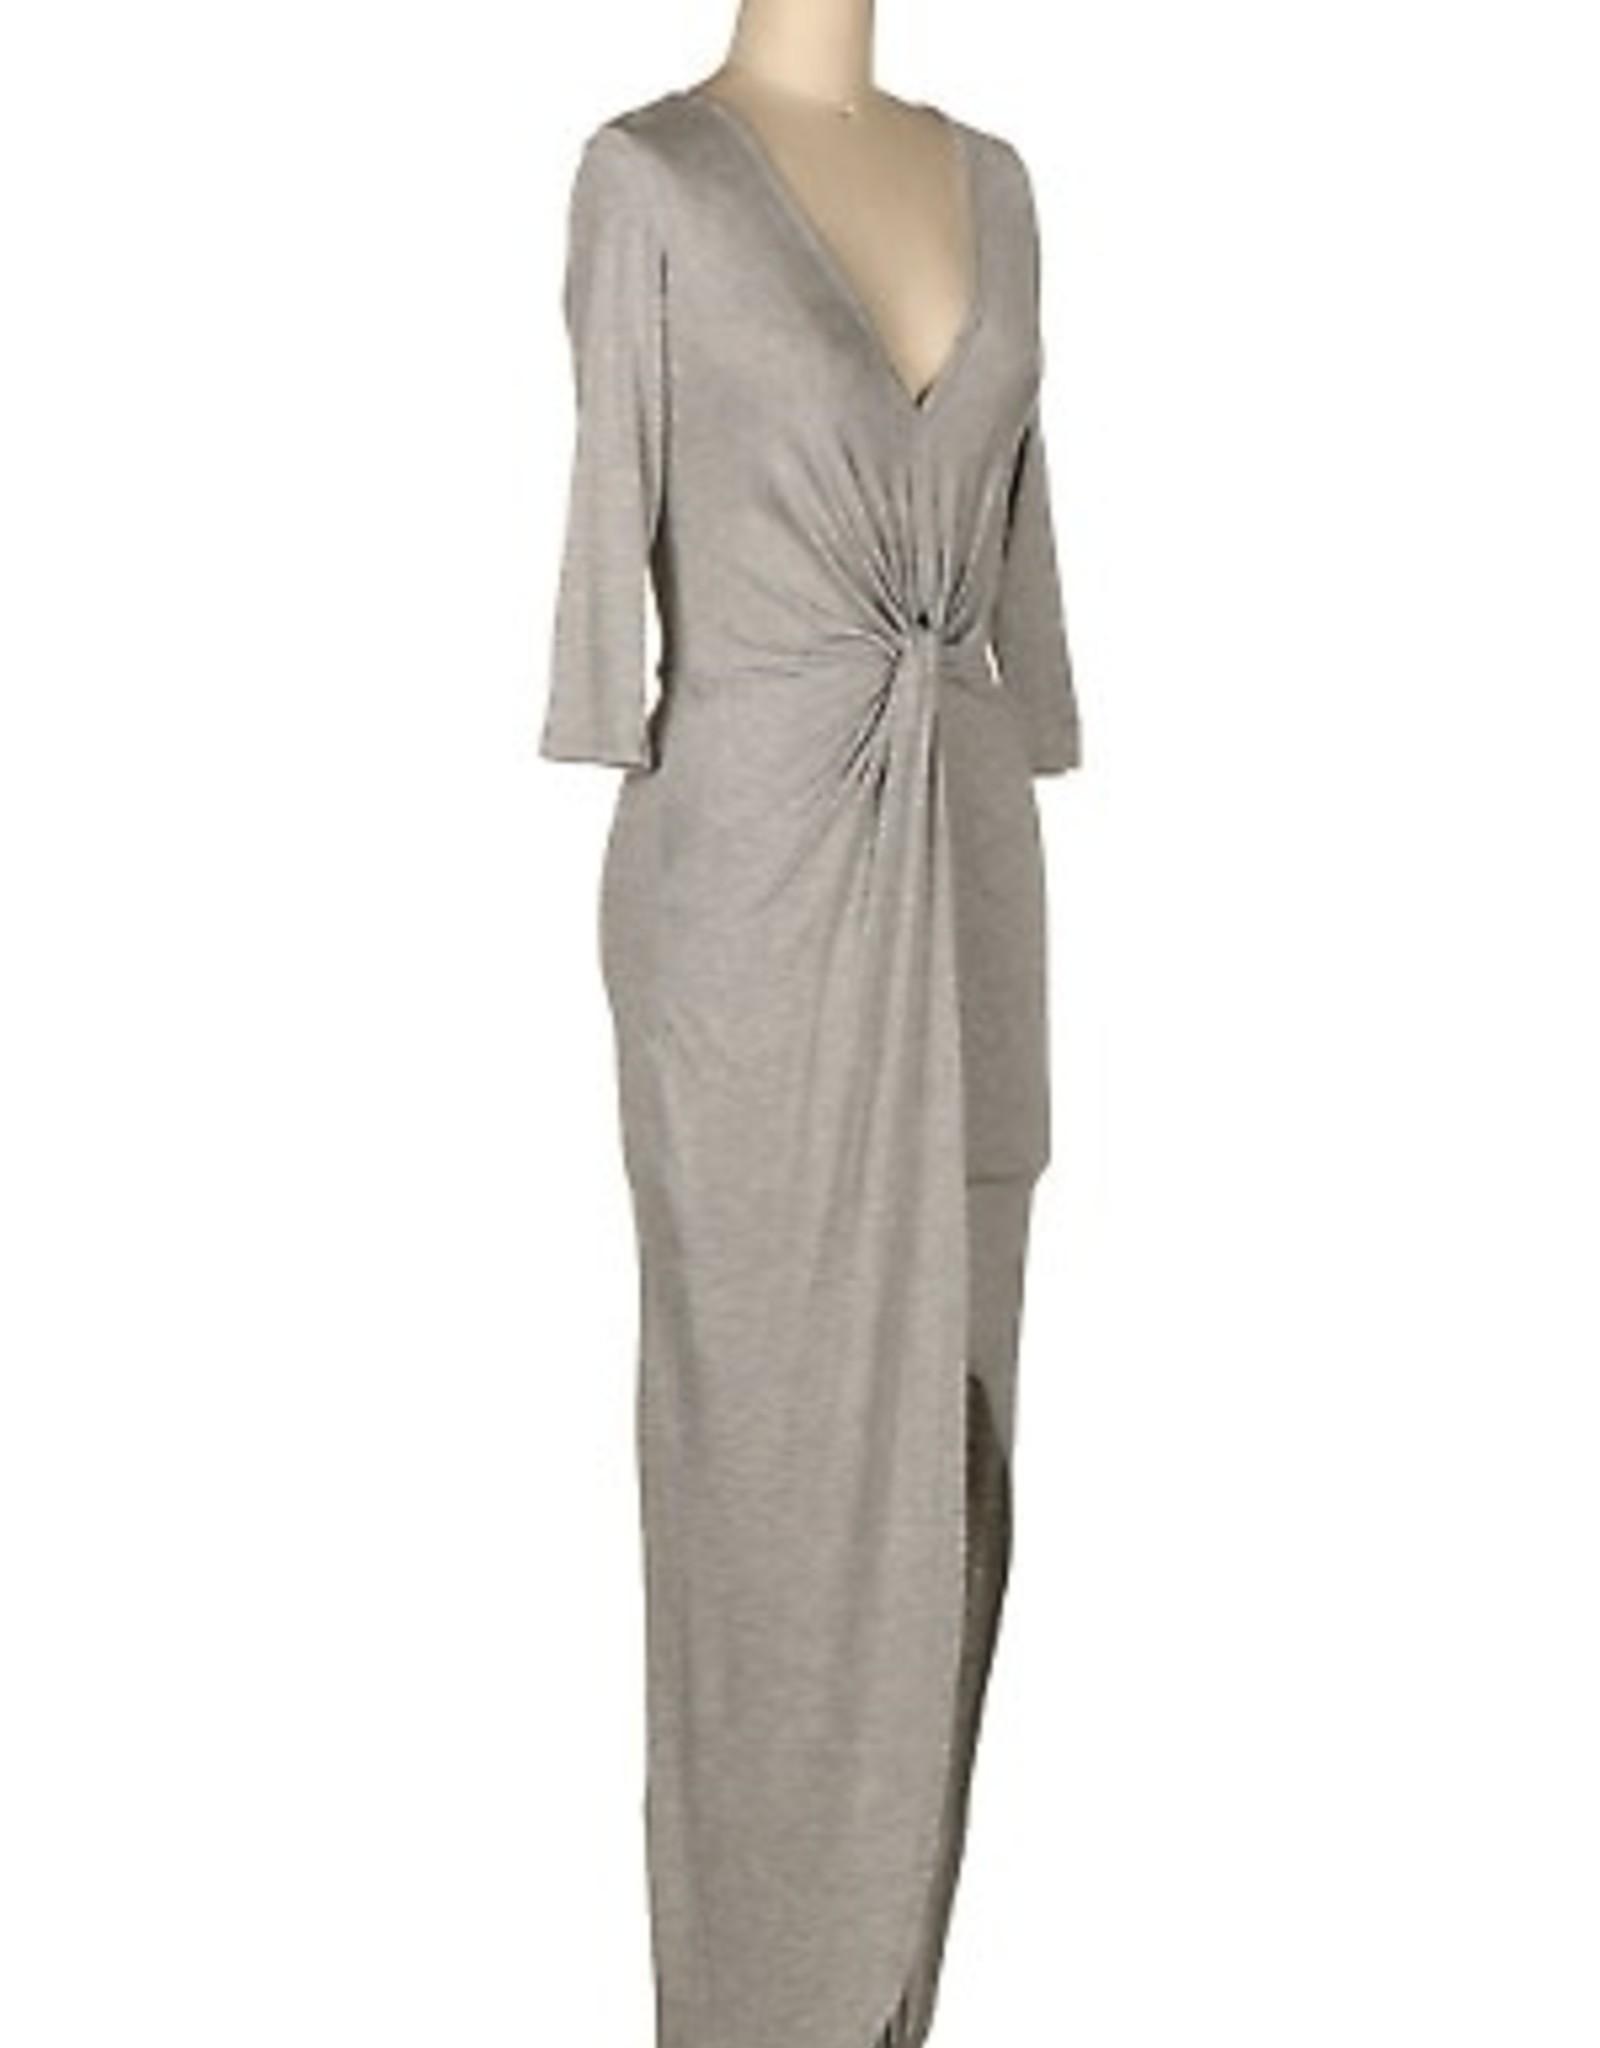 The Angelina Maxi Dress